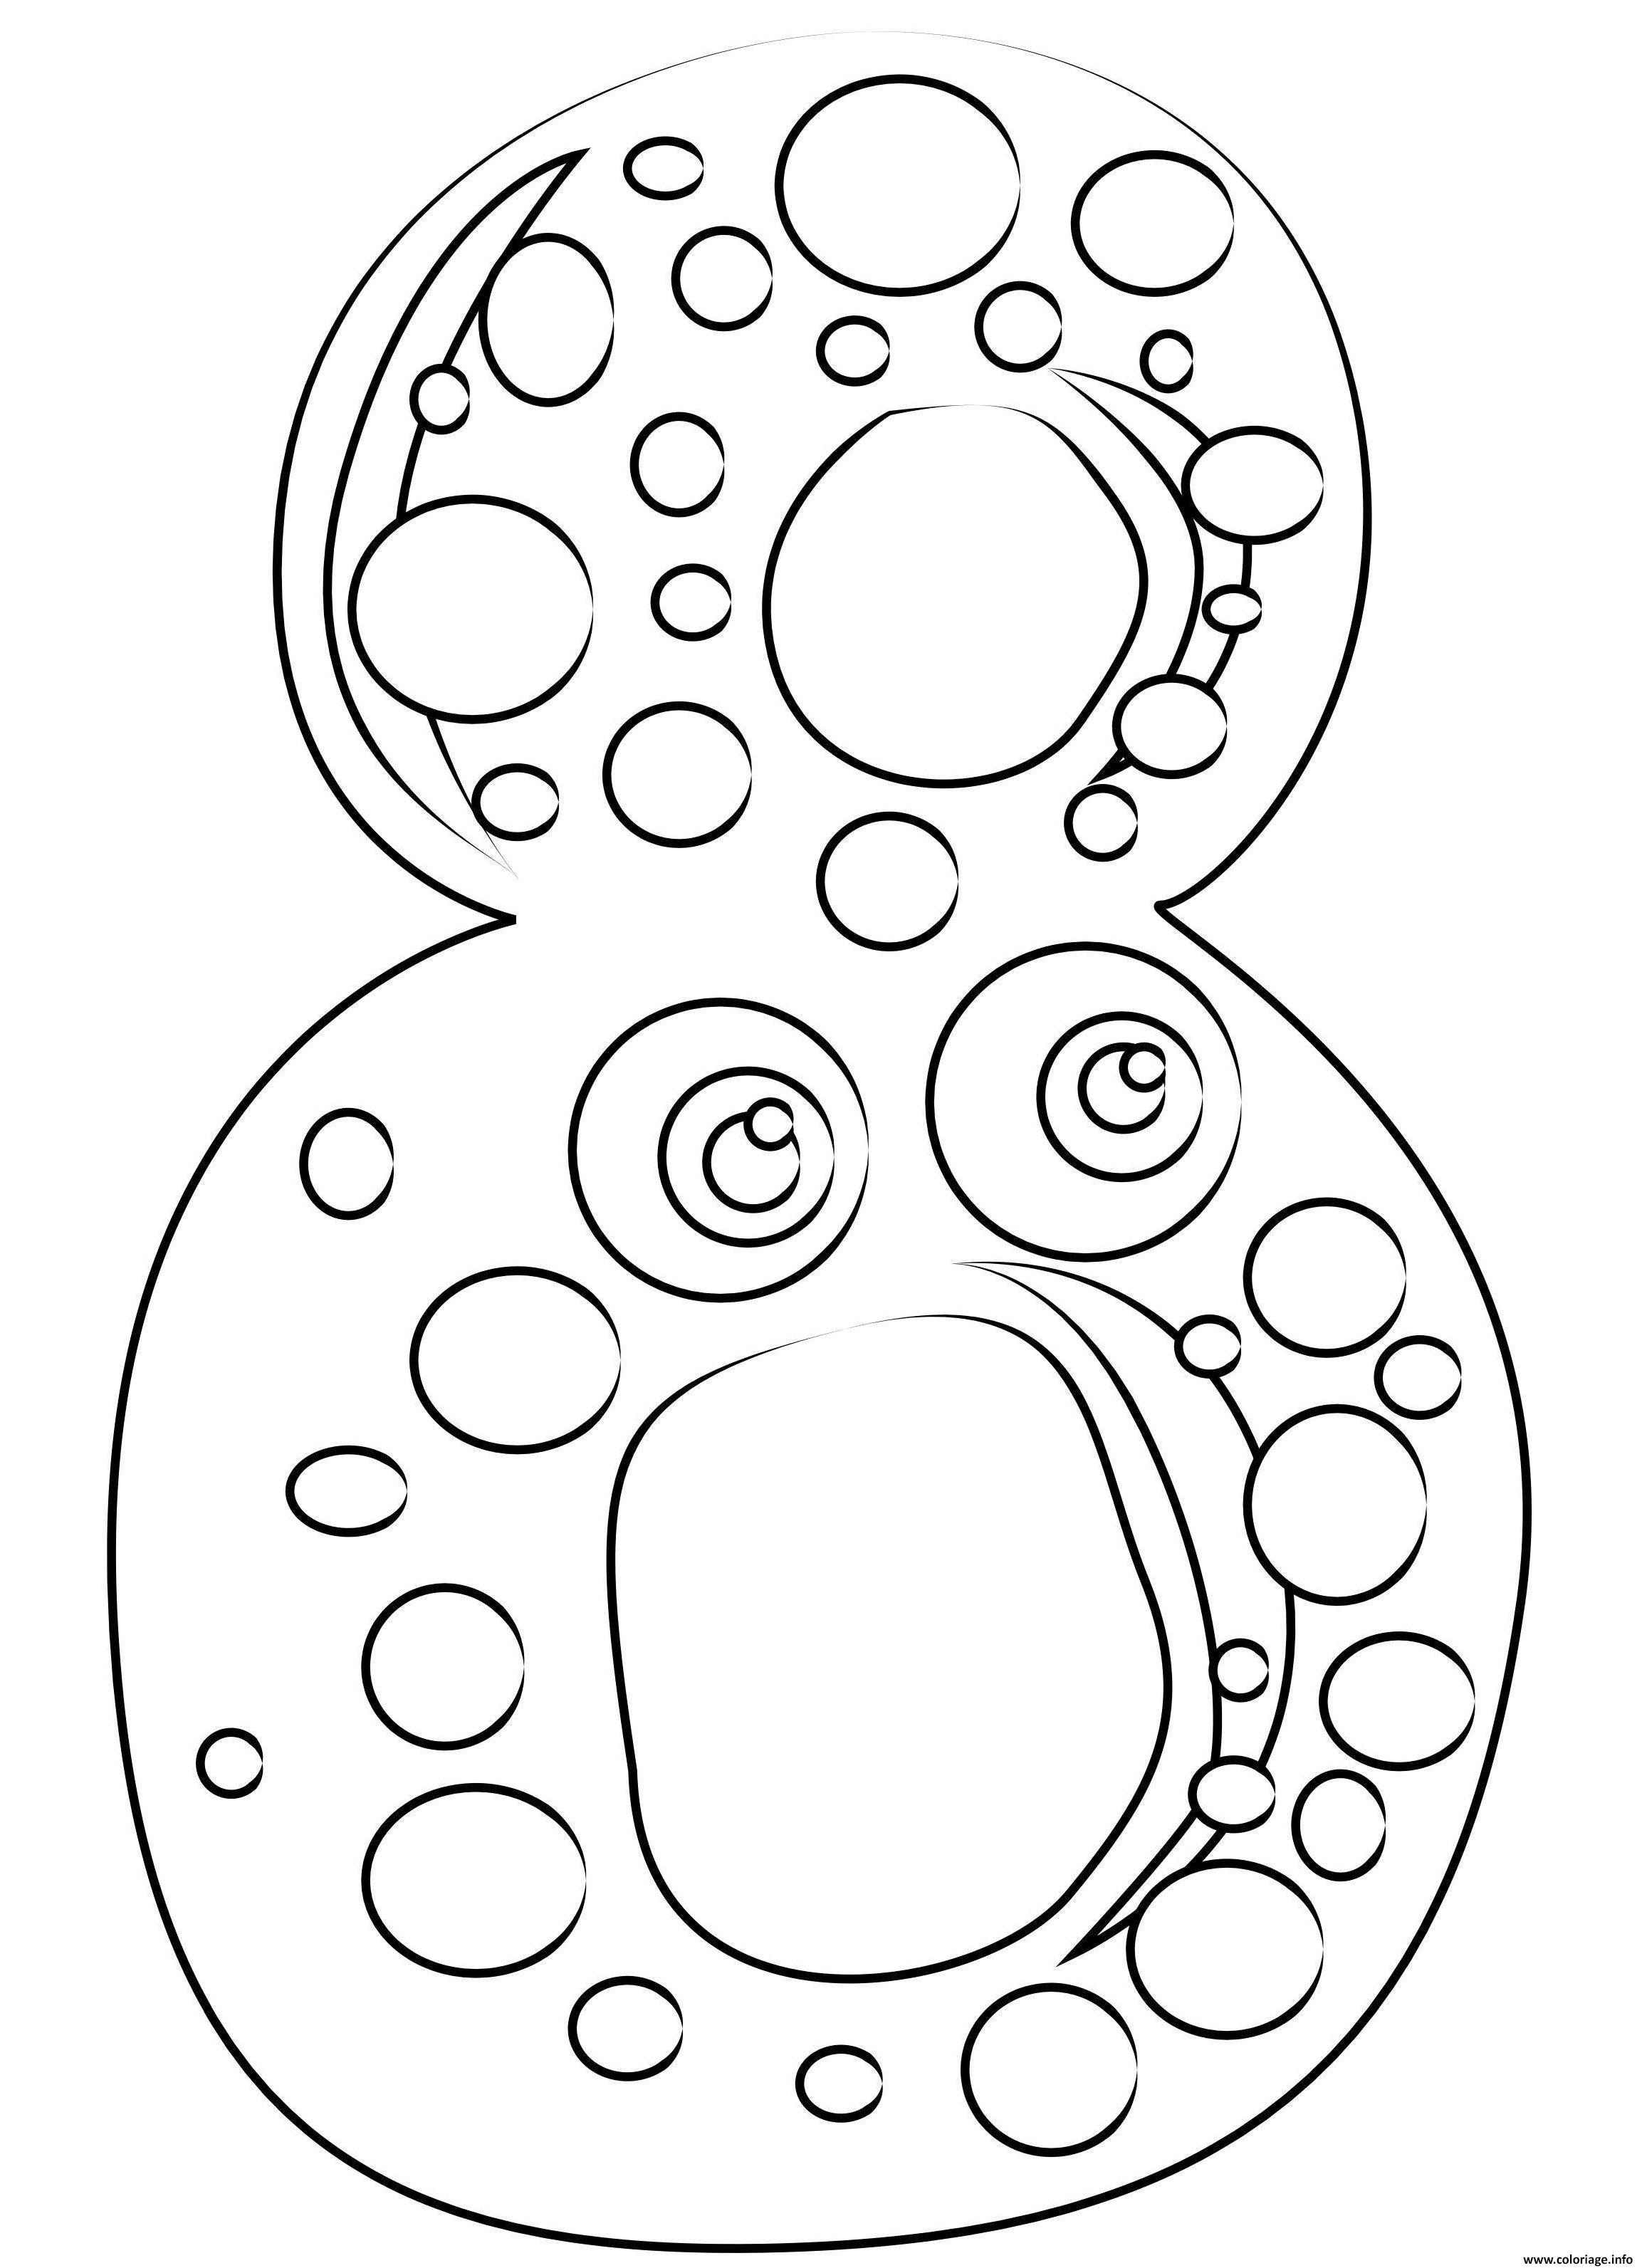 Coloriage Chiffre 8 Maternelle Dessin Chiffres à imprimer